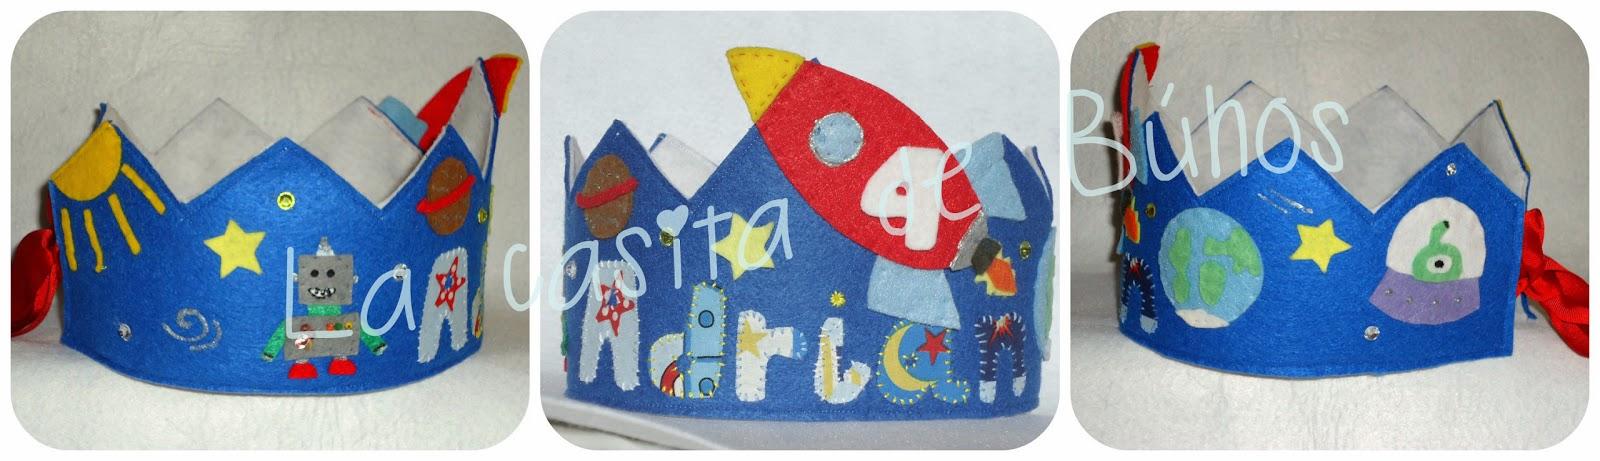 Corona cumpleaños en fieltro de cohetes - Felt Rocket birthday crown